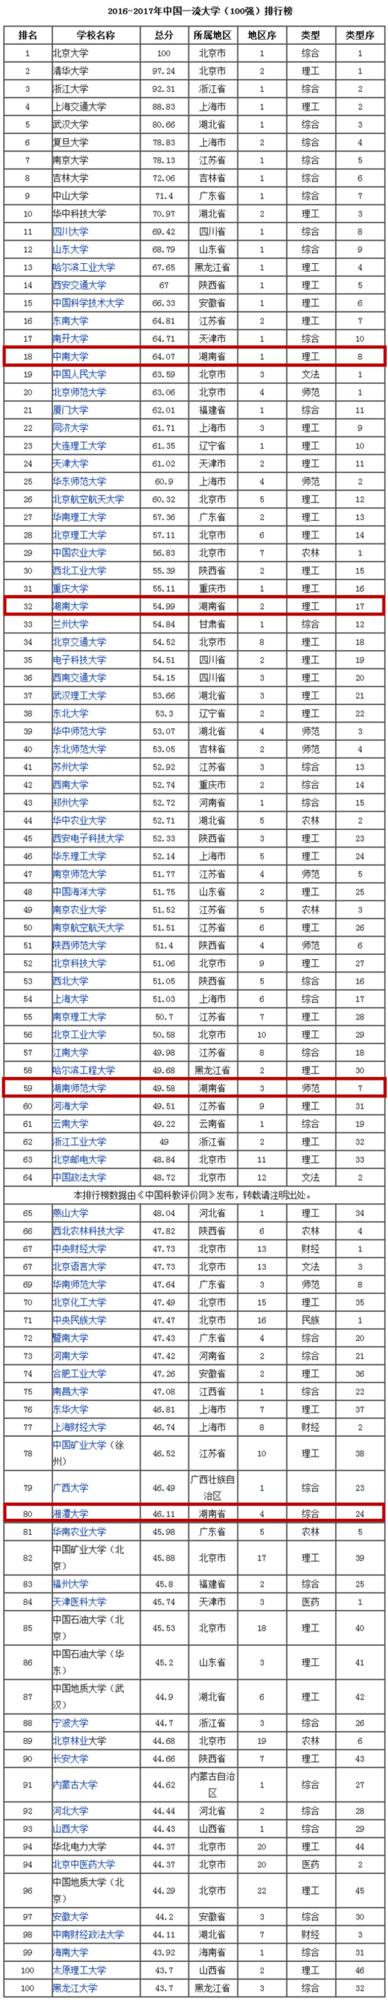 中国一流大学百强榜出炉 湖南四所高校上榜